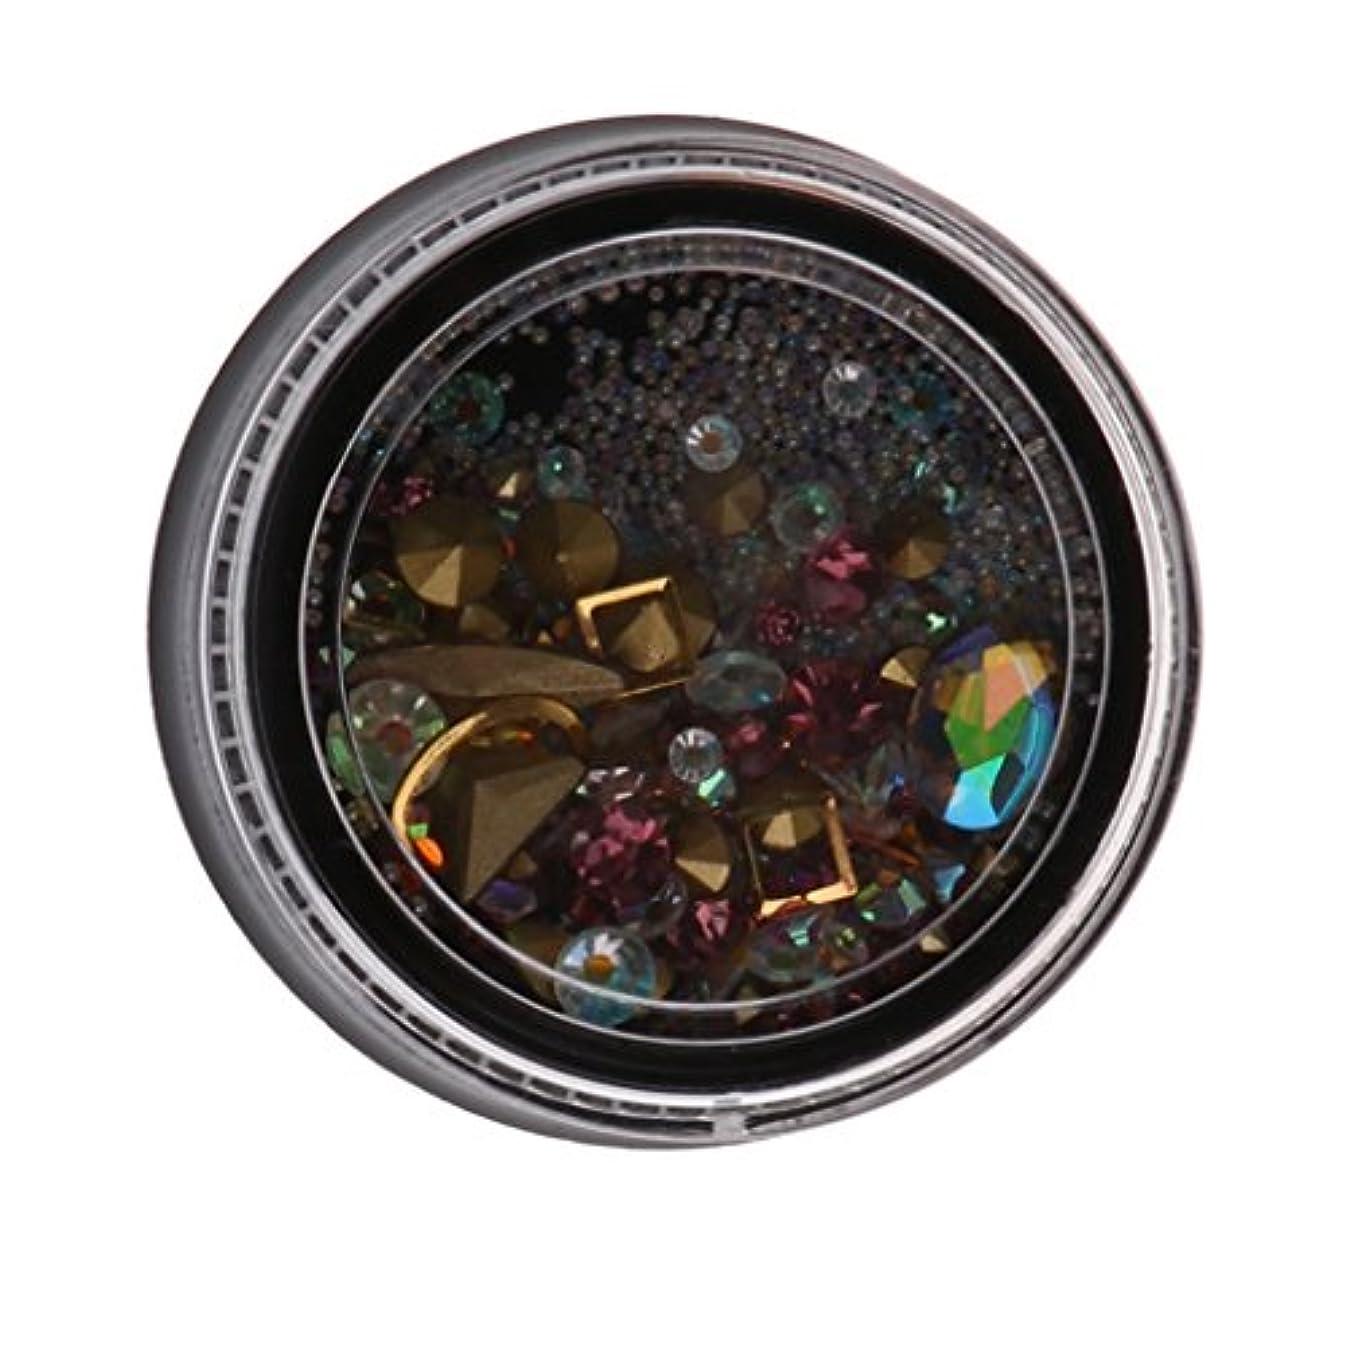 助言する氏パテToygogo 1パックのネイルアートデコレーションマニキュアセット、ネイルラインストーンジェムダイヤモンドグリッターフラットバックステッカーヒントキット - L